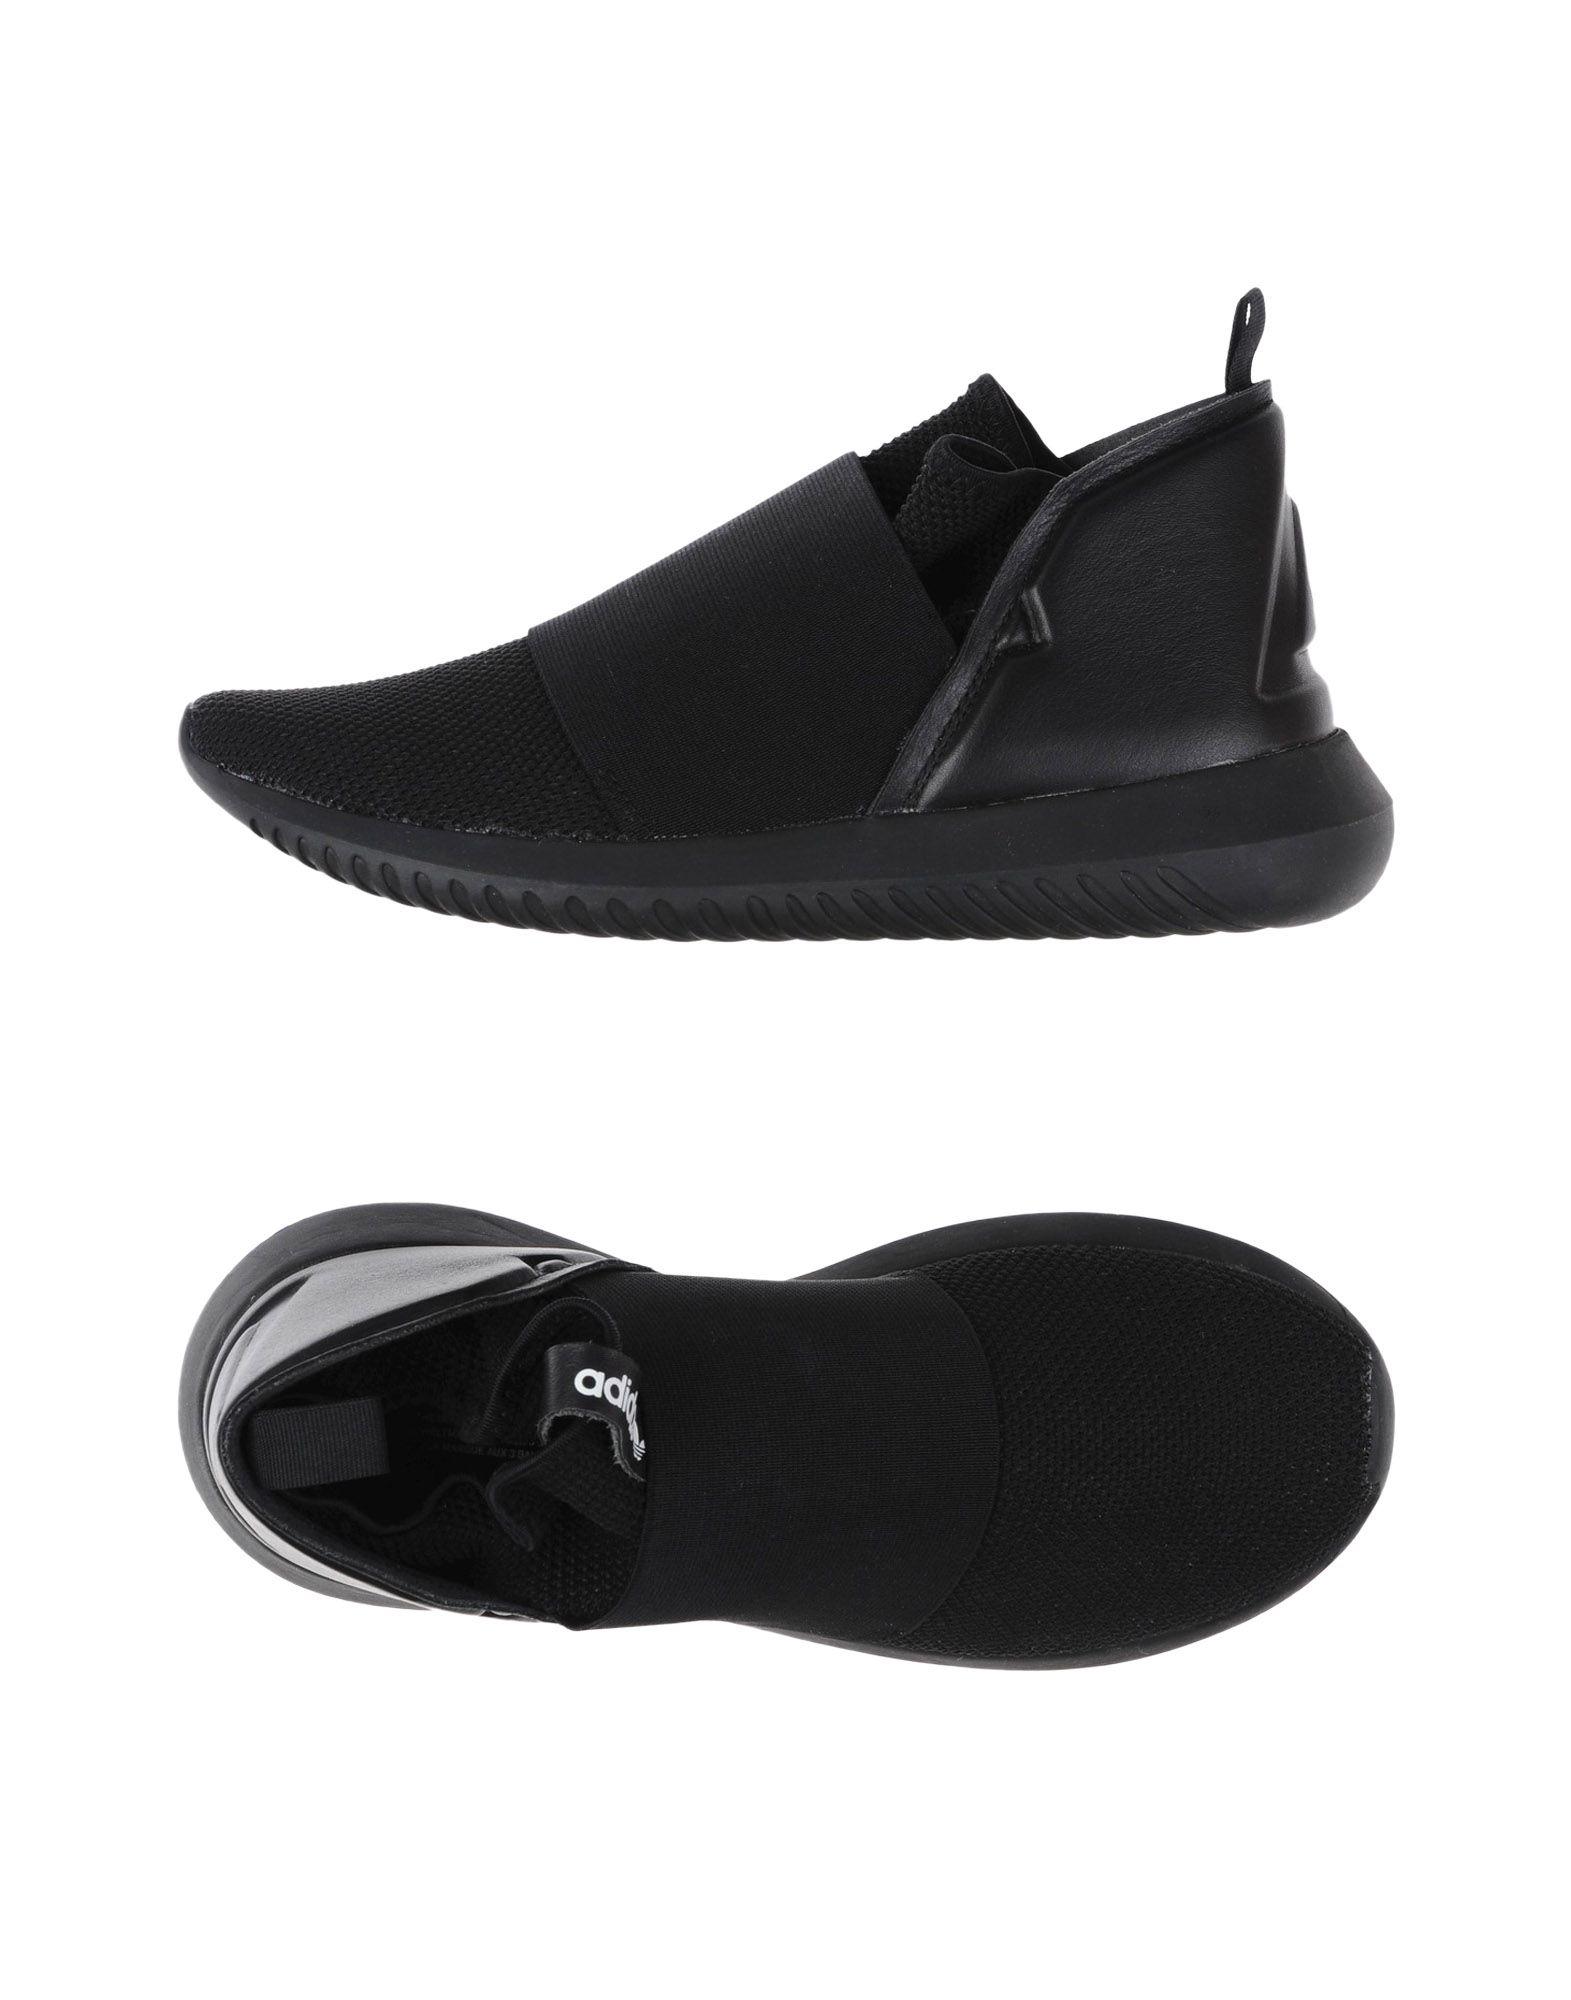 Scarpe da Ginnastica Adidas Originals Donna - 11285845GM